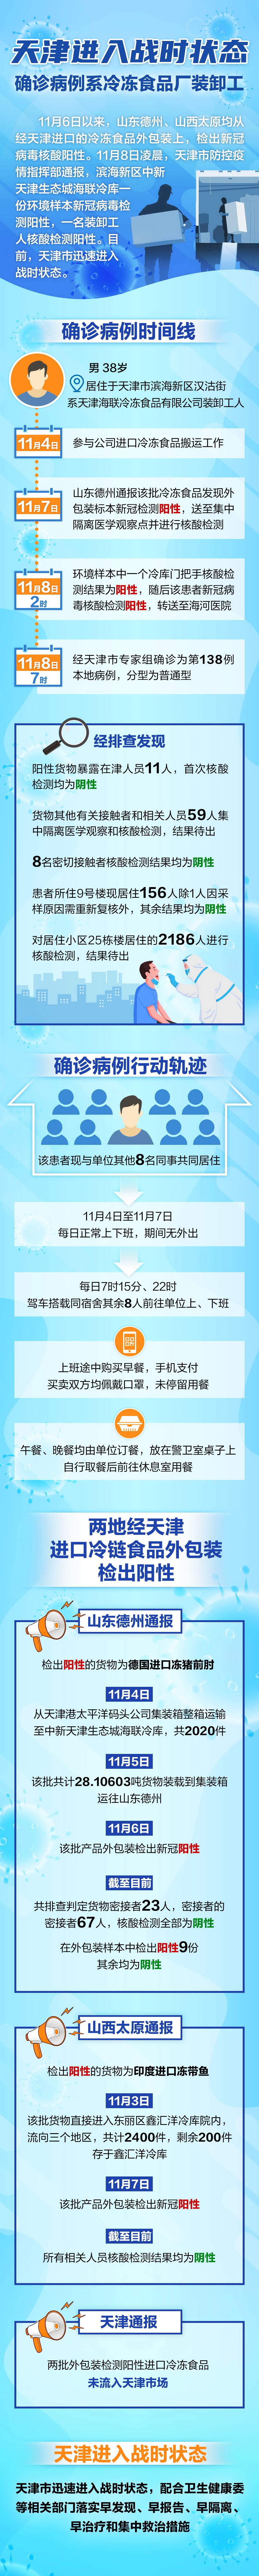 一图读懂 | 天津进入战时状态,确诊病例系冷冻食品厂装卸工